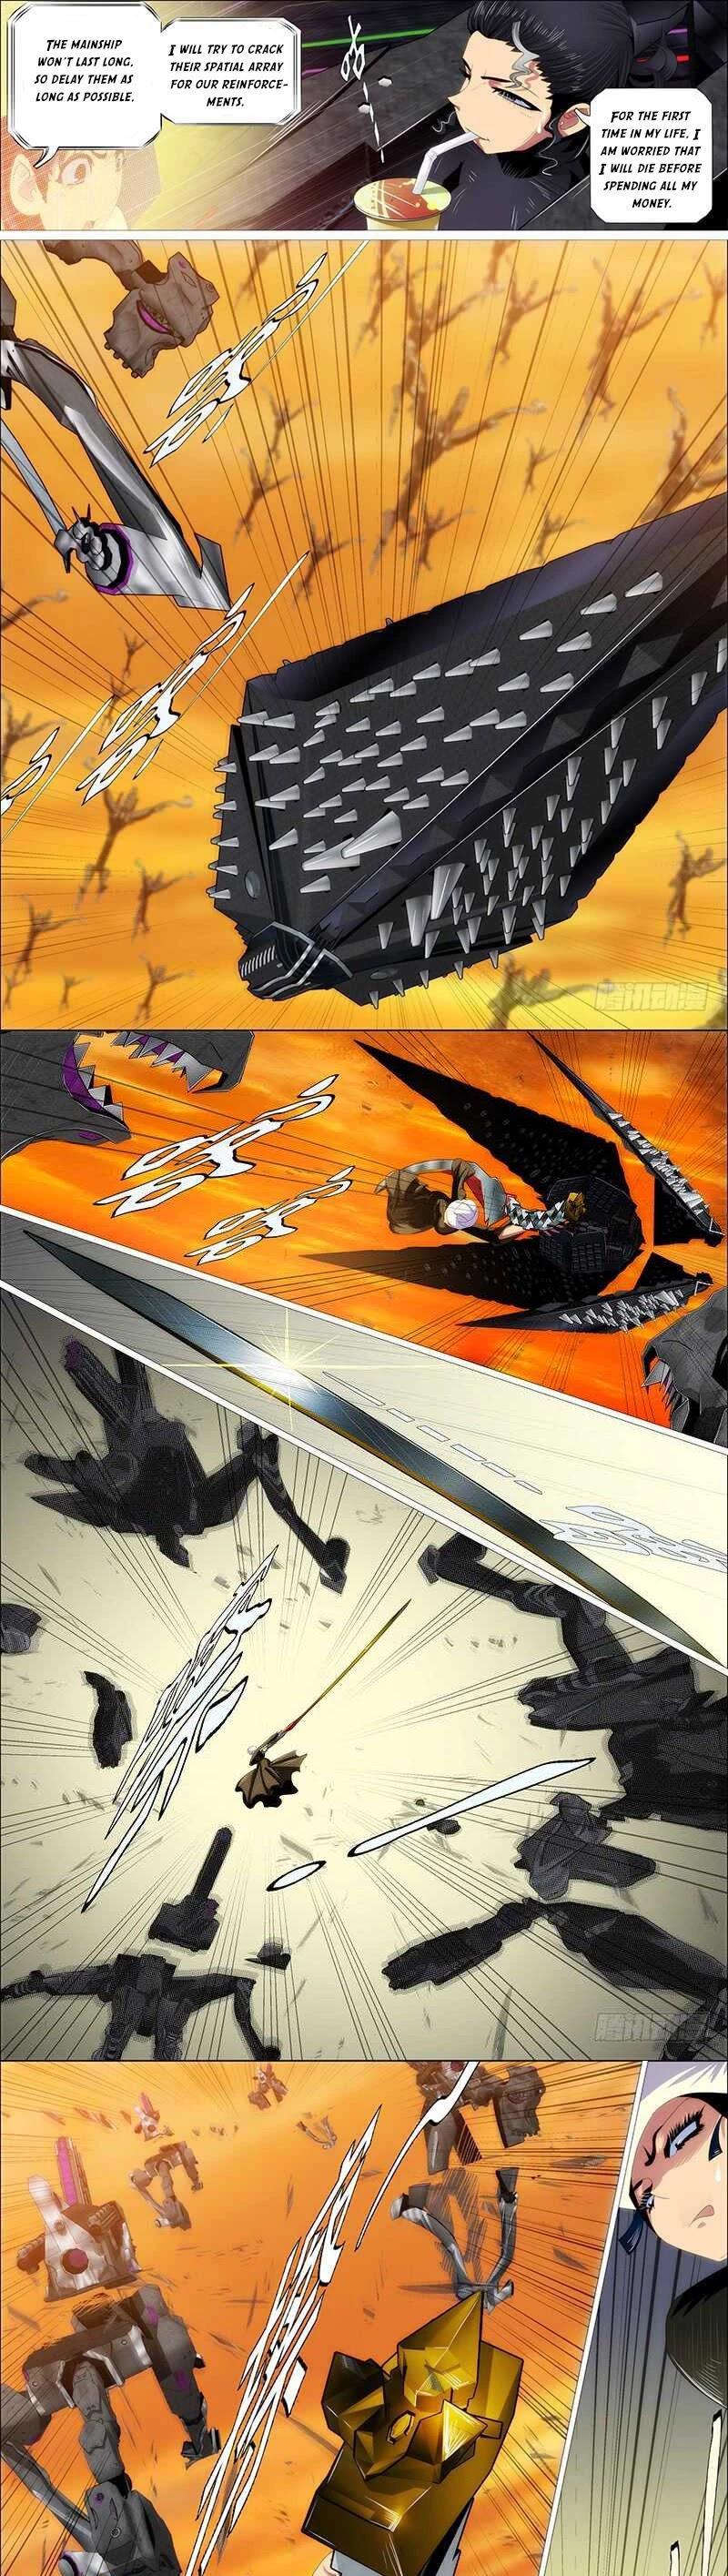 Iron Ladies Chapter 359 page 6 - Mangakakalot